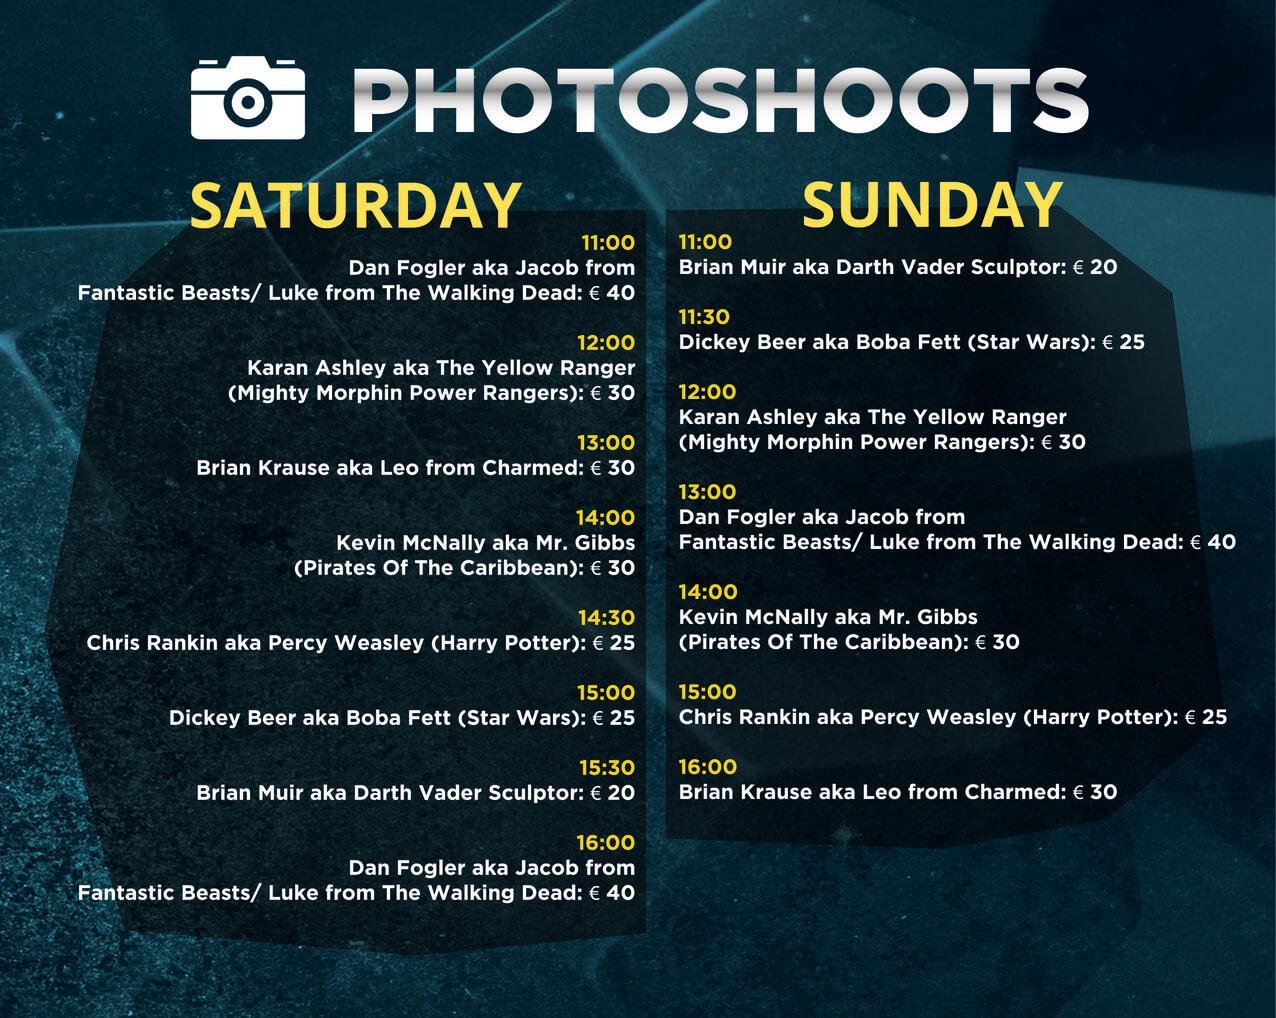 photoshoot gent